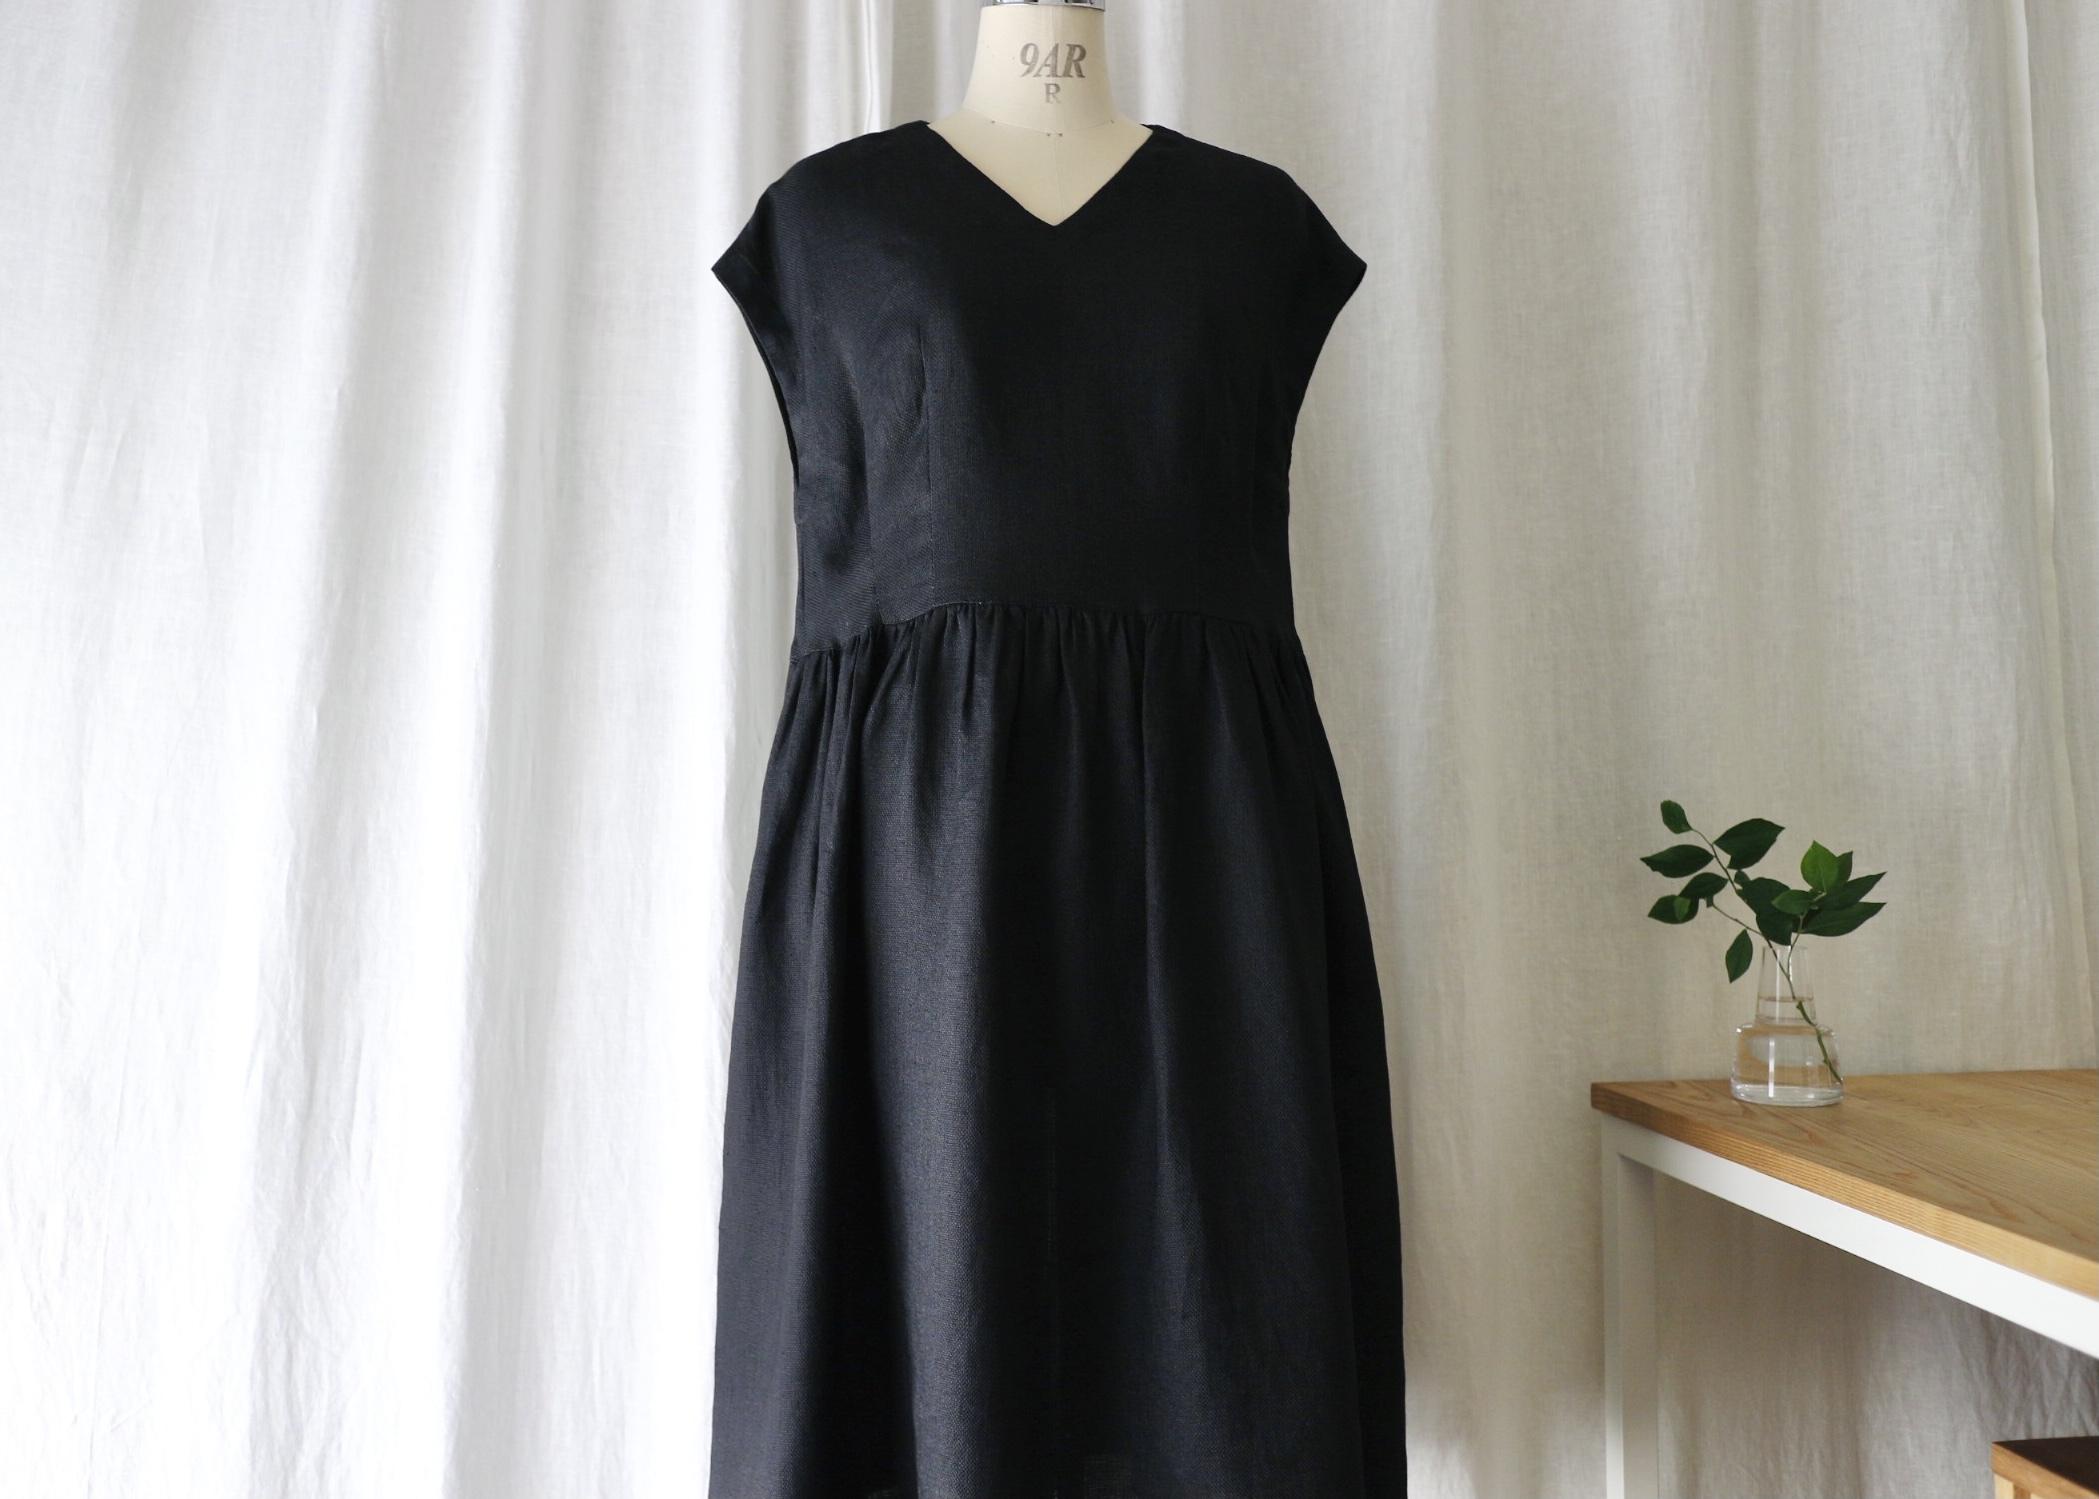 ゆったり着れてキレイに見えるフレンチスリーブタックギャザーワンピース(ヴィンテージブラック) リネン100%